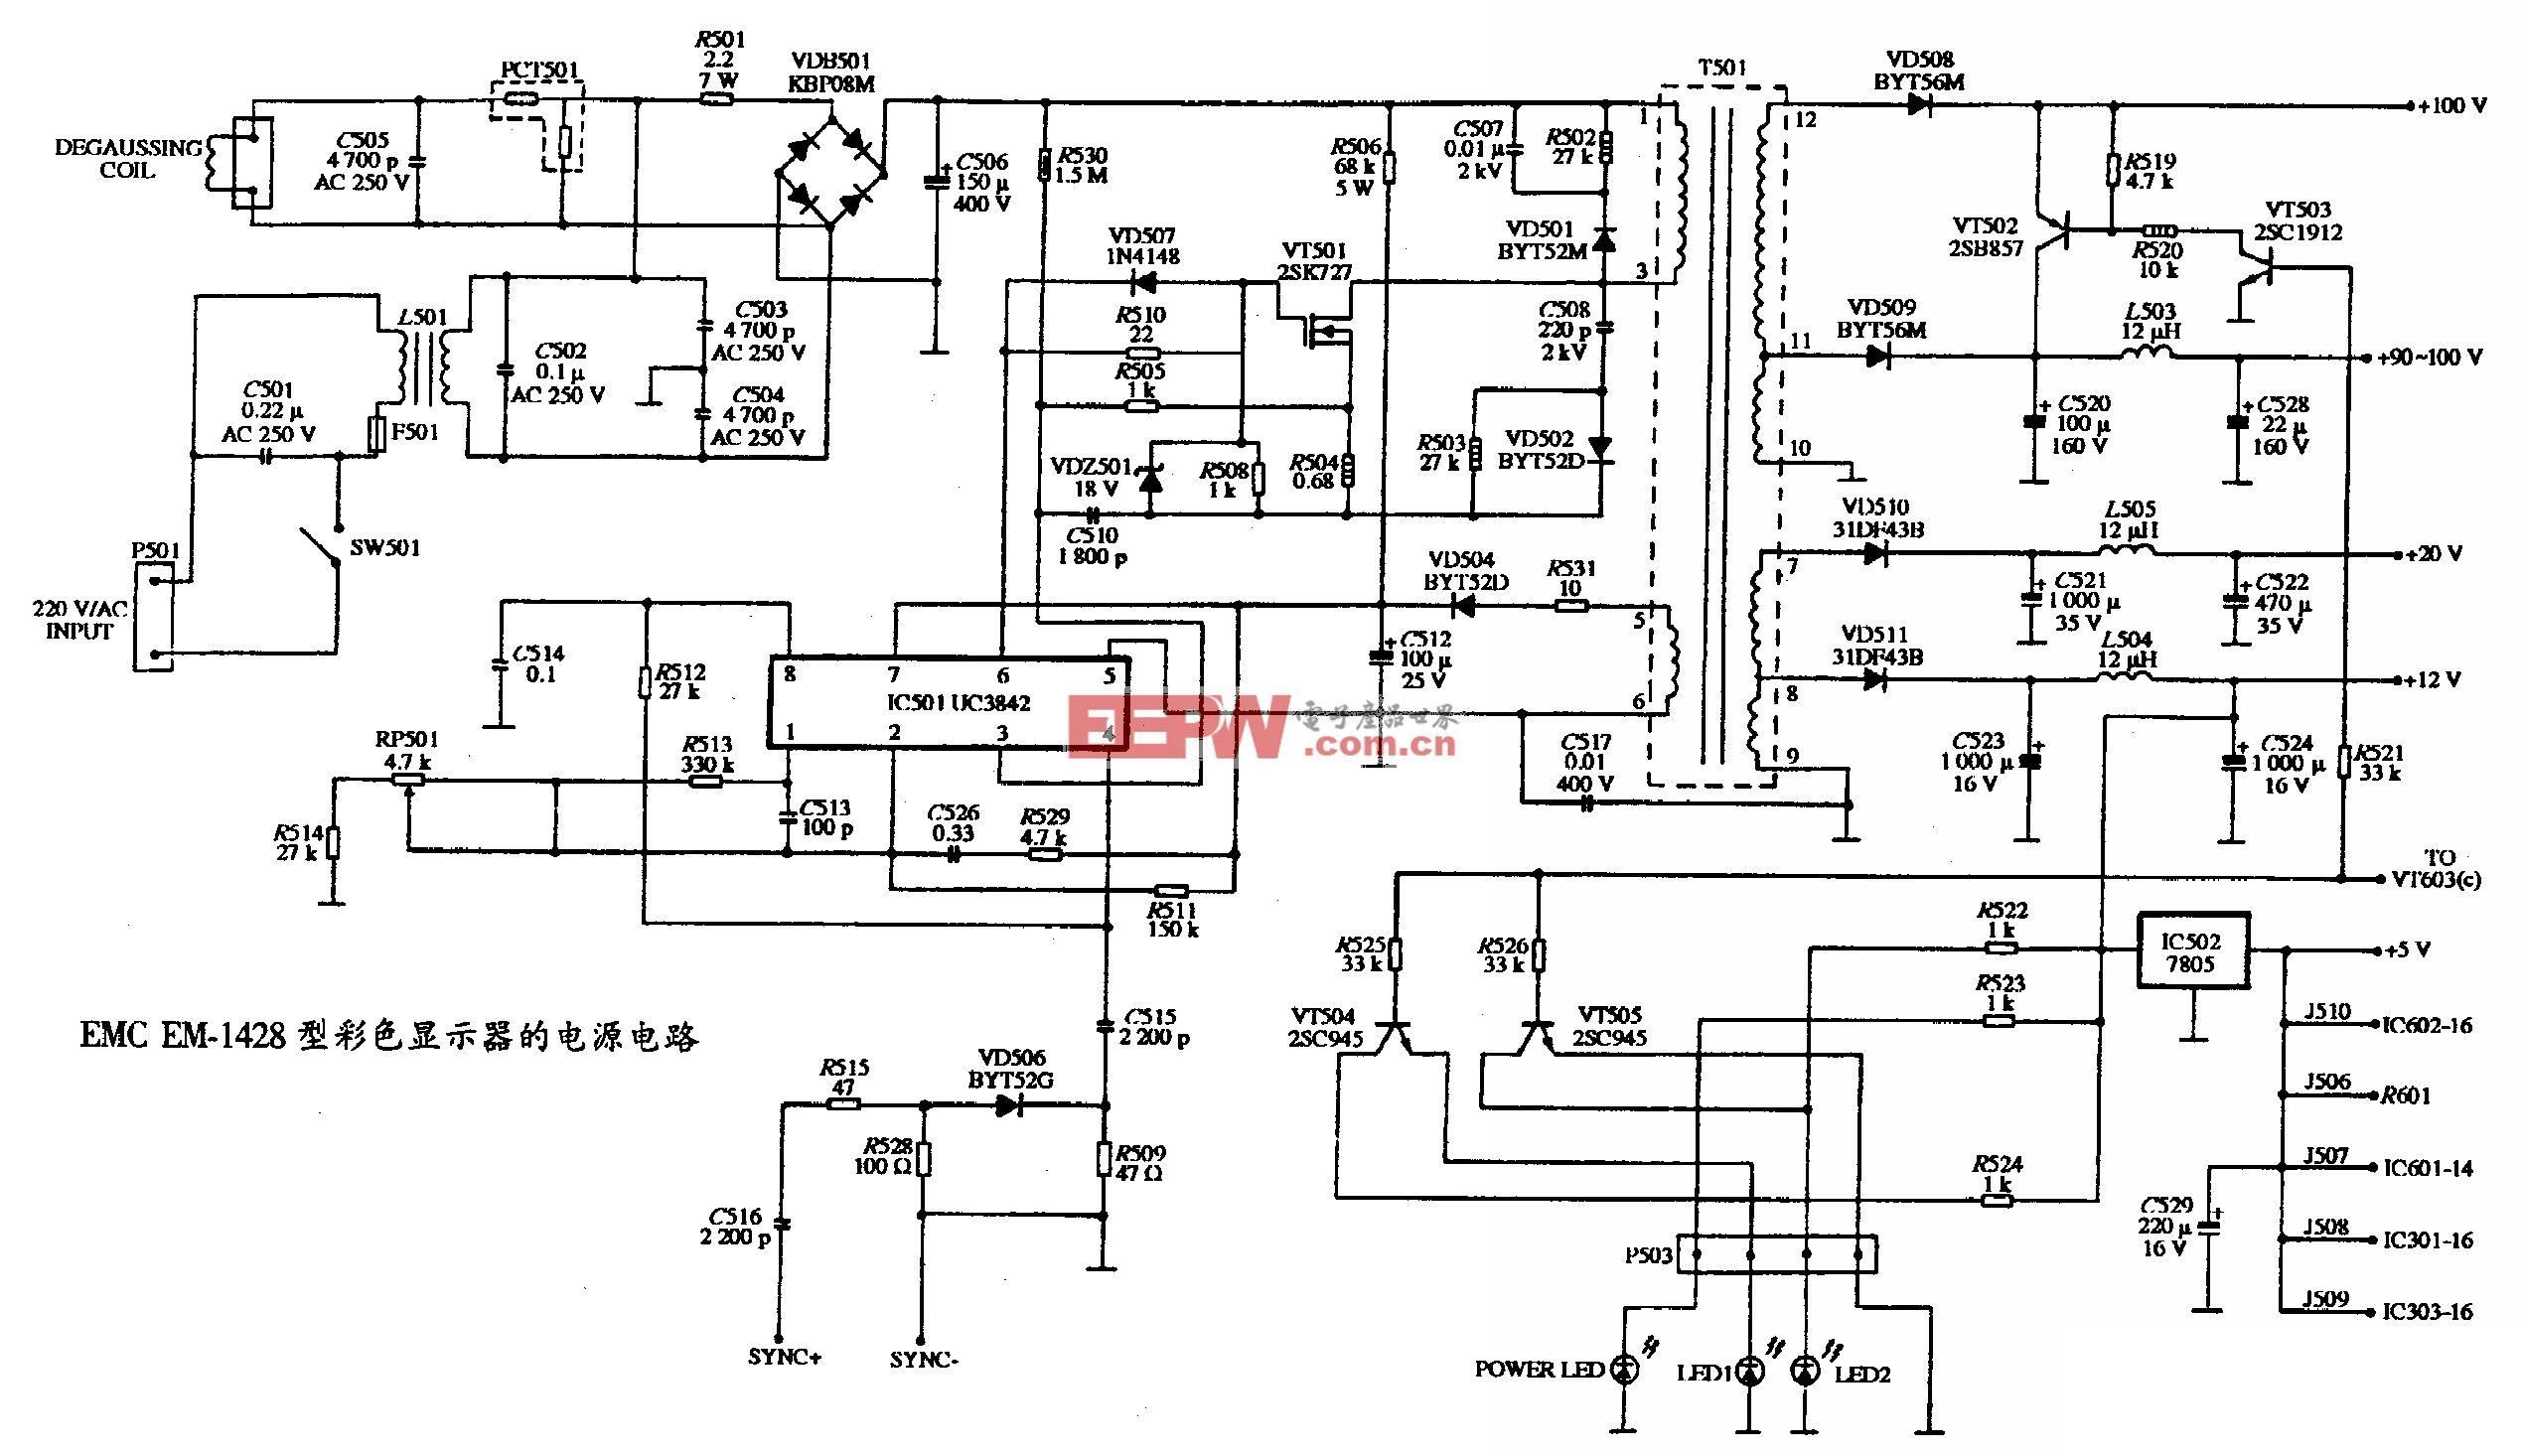 EMC EM-1428型彩色显示器的电源电路图